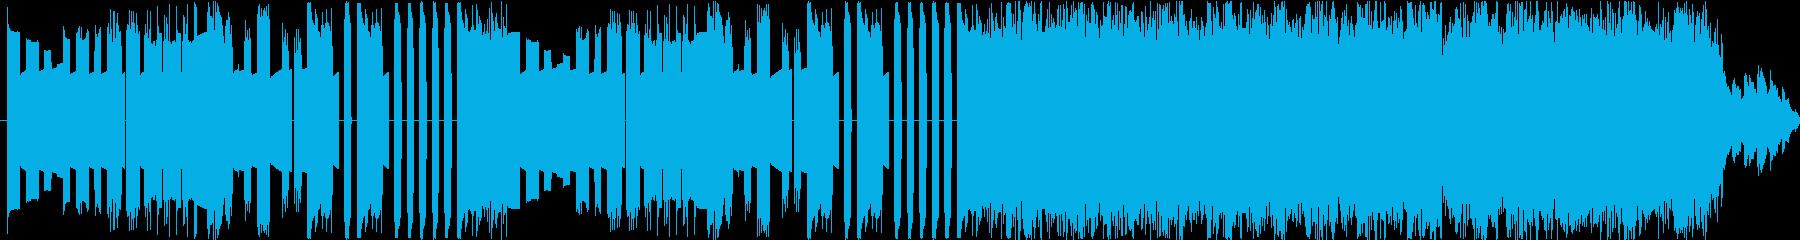 ループ可能なレトロゲーム風バトルBGMの再生済みの波形